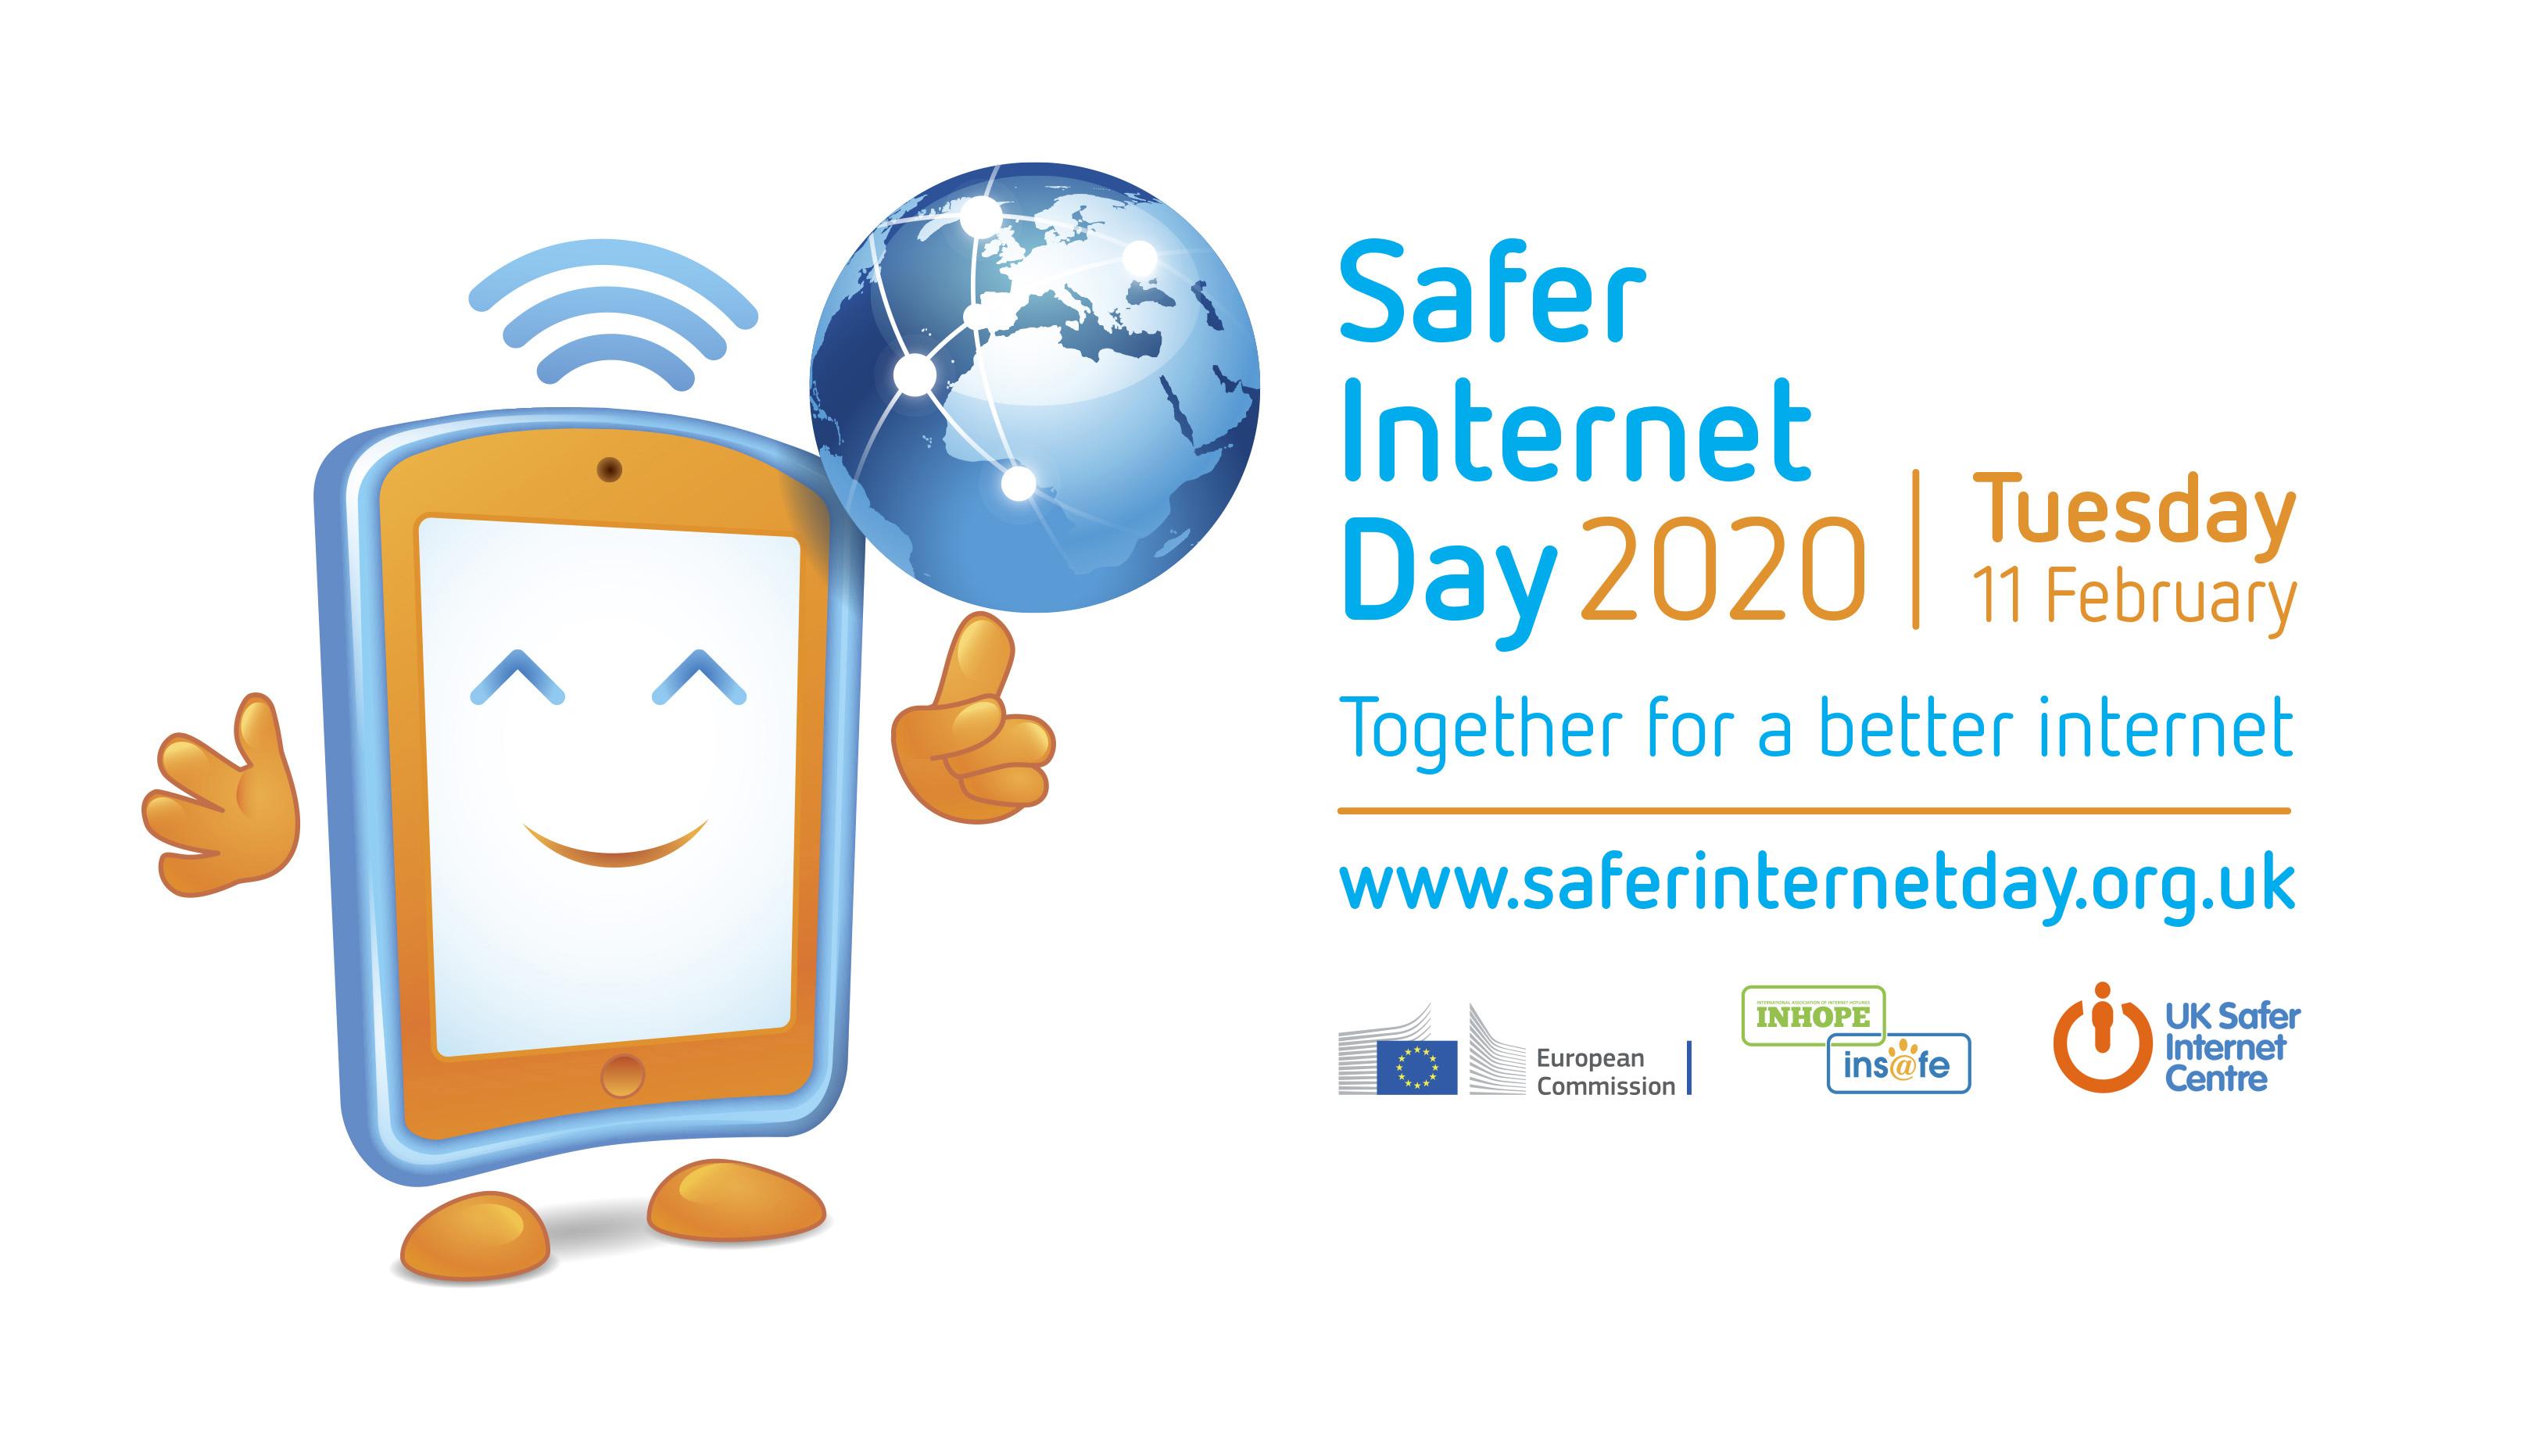 Sid2020 ec insafeinhope  uksic partner logo uk web